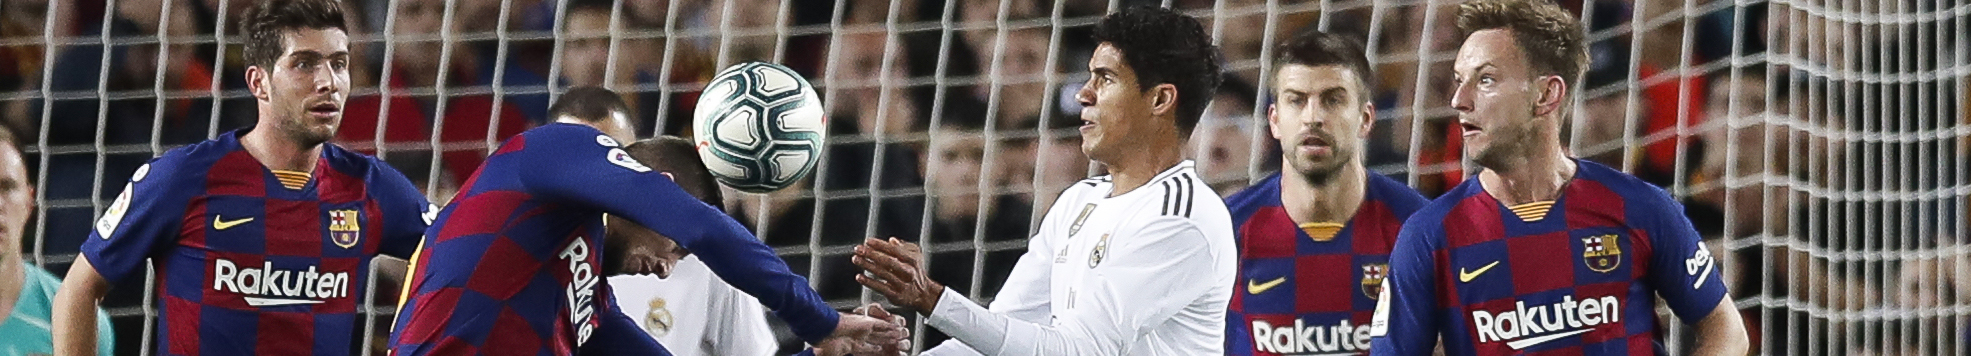 Pronostico Real Madrid-Barcellona: Modric parte dalla panchina, le ultimissime sulle formazoni